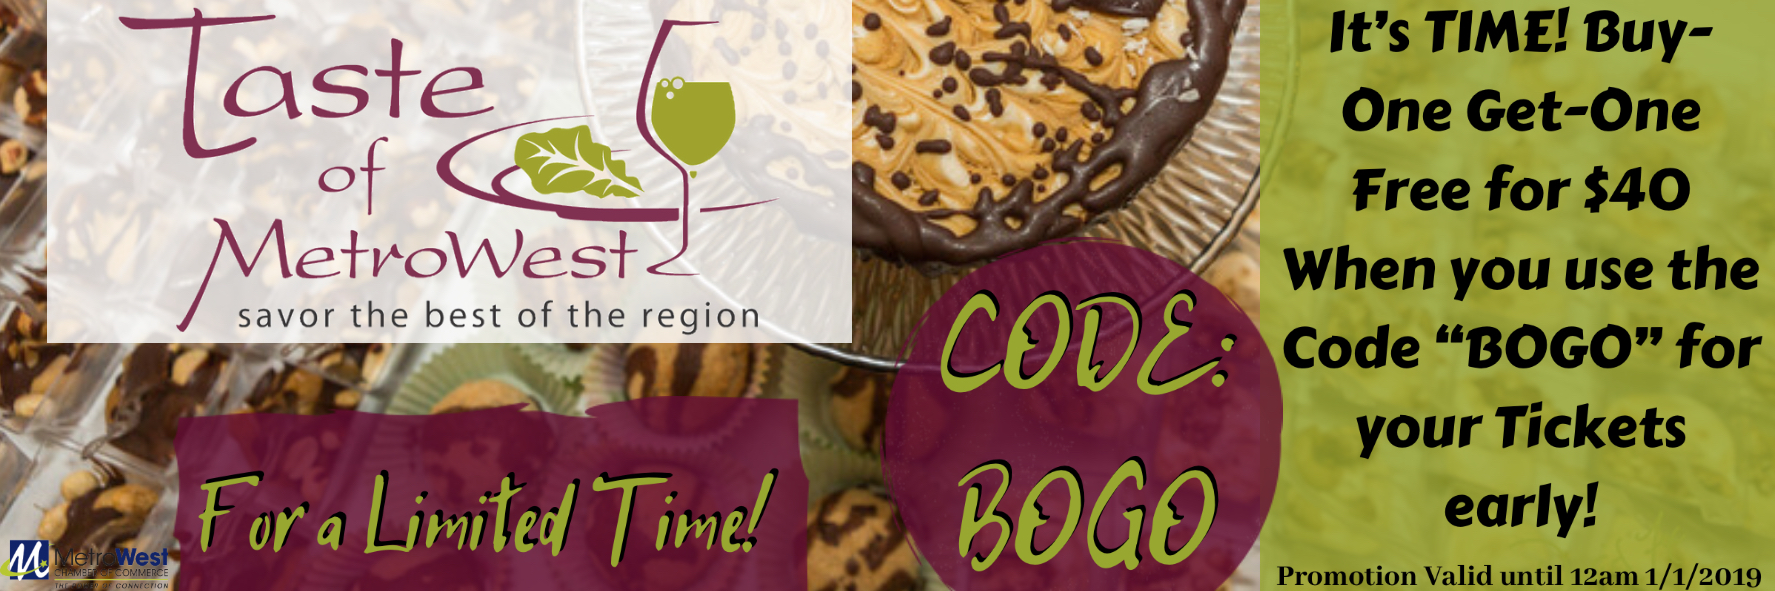 TMW-BOGO-Banner.jpg